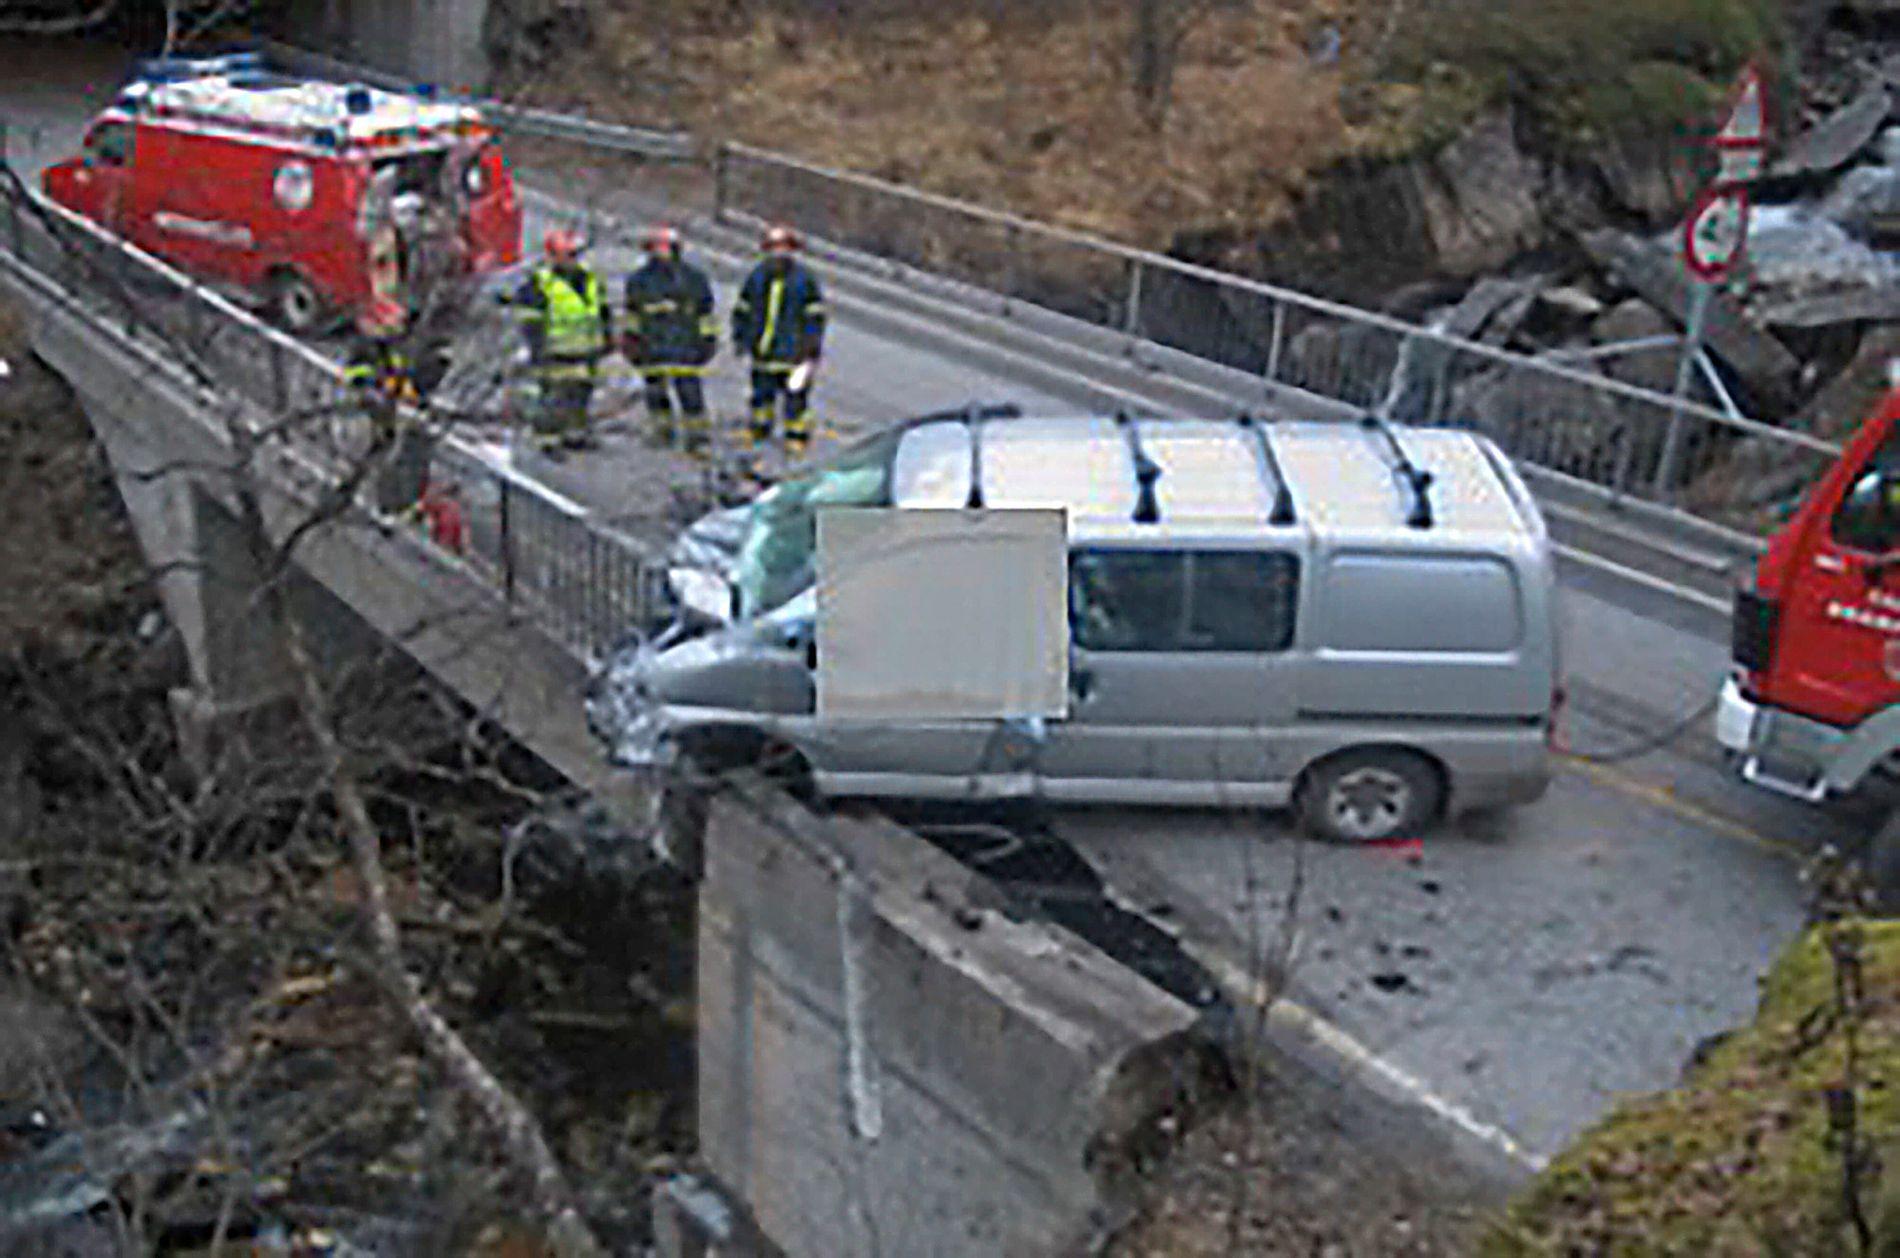 BROULYKKE: Jack Johansen omkom da bilen krasjet inn i rekkverket. Det ble aldri oppklart hvorfor ulykken skjedde. På motsatt side av veien, øverst i venstre hjørnet, ser du hvordan autovernet var montert. Statens vegvesen konkluderte etter ulykken med at rekkverket ikke hadde korrekt overgang fra stål- til betongrekkverk.